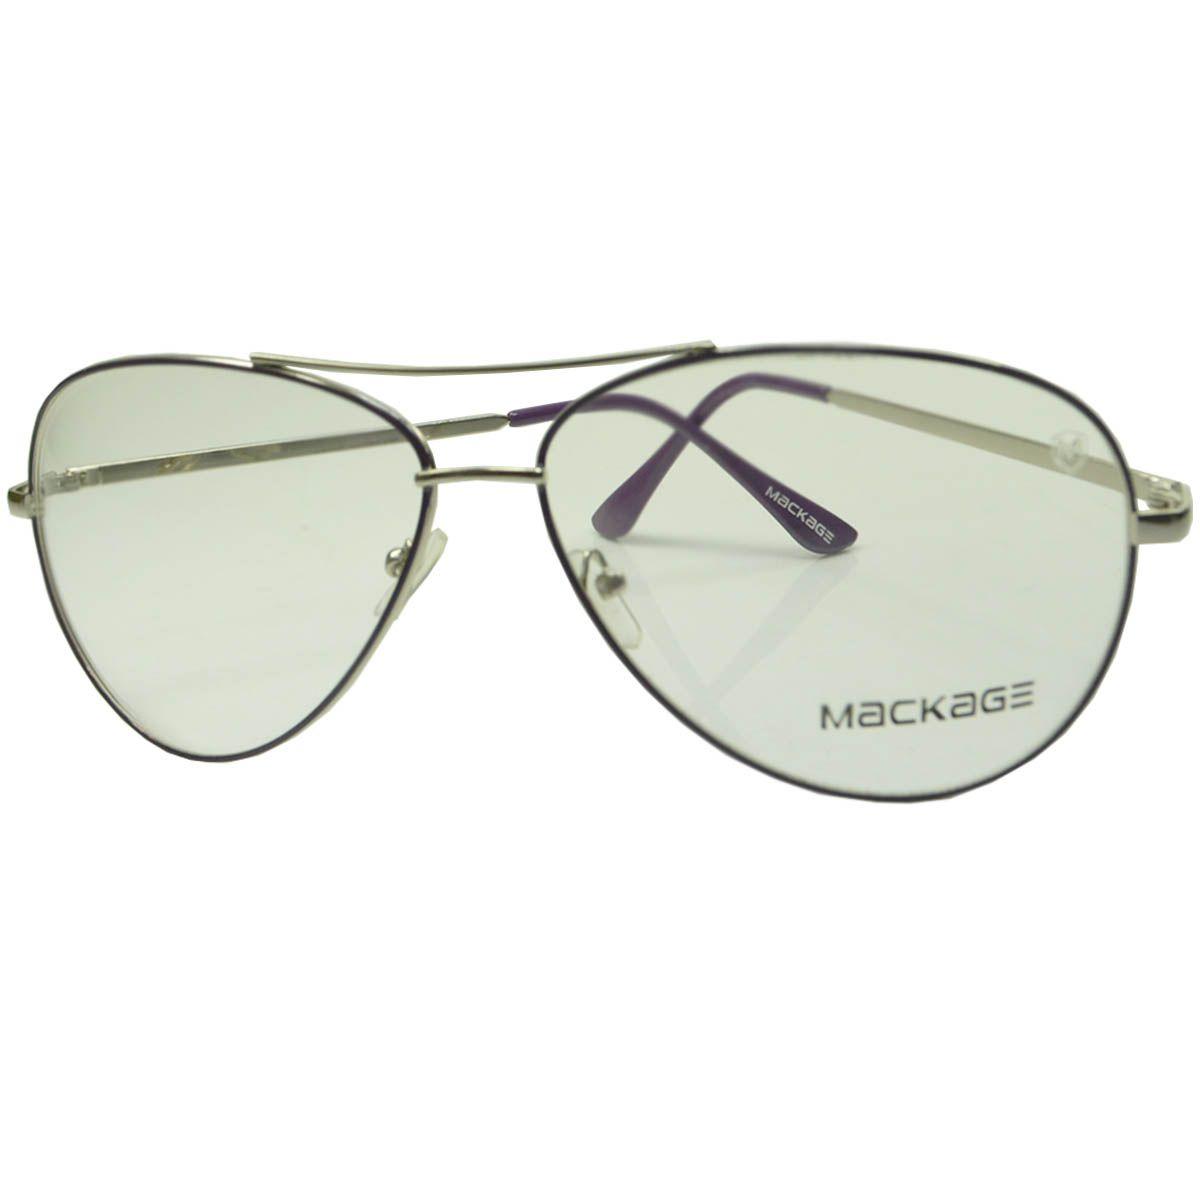 Armação Para Óculos De Grau - Mackage MKAVIATR2 Roxo